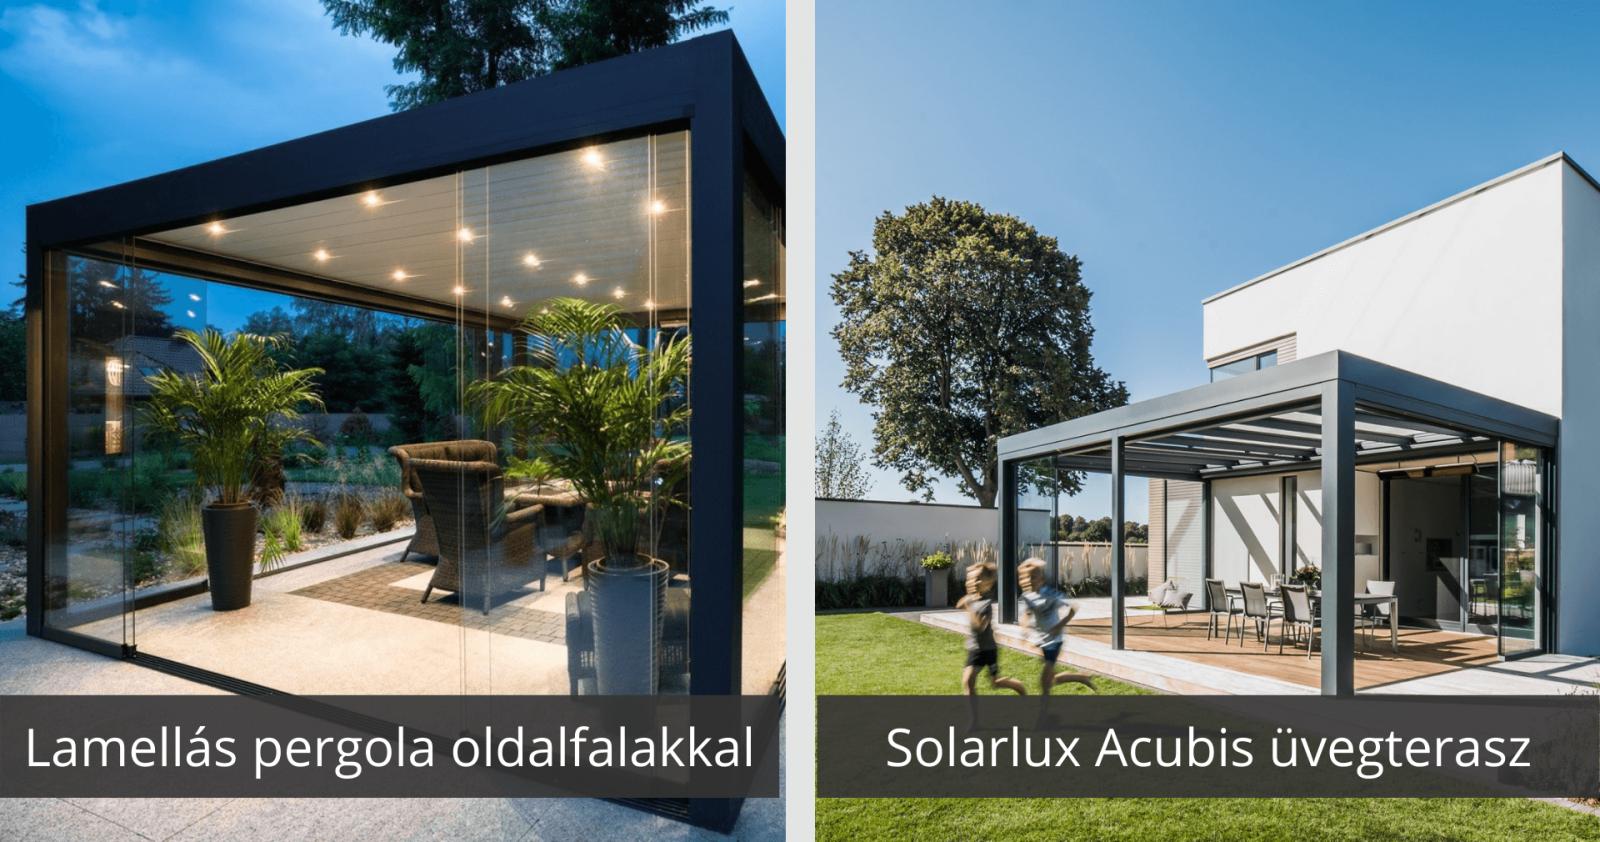 Lamellás pergola kontra Solarlux Acubis üvegterasz